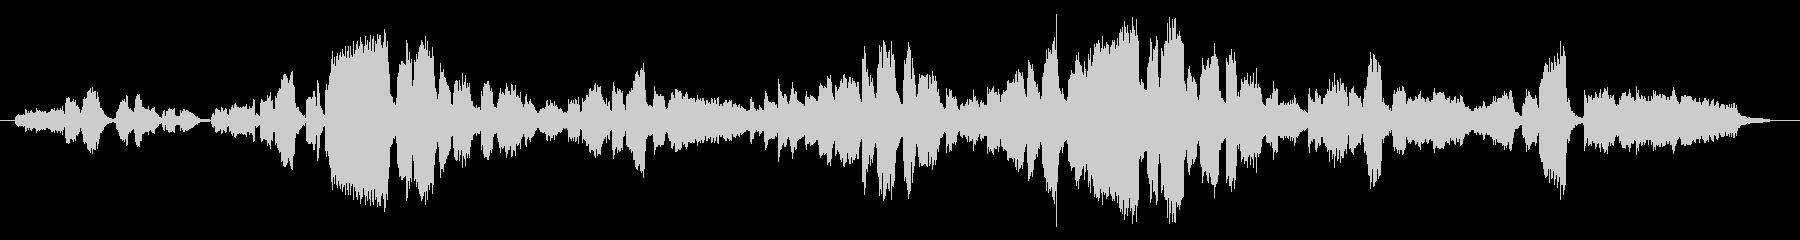 生演奏「アメージンググレース」歌&ピアノの未再生の波形